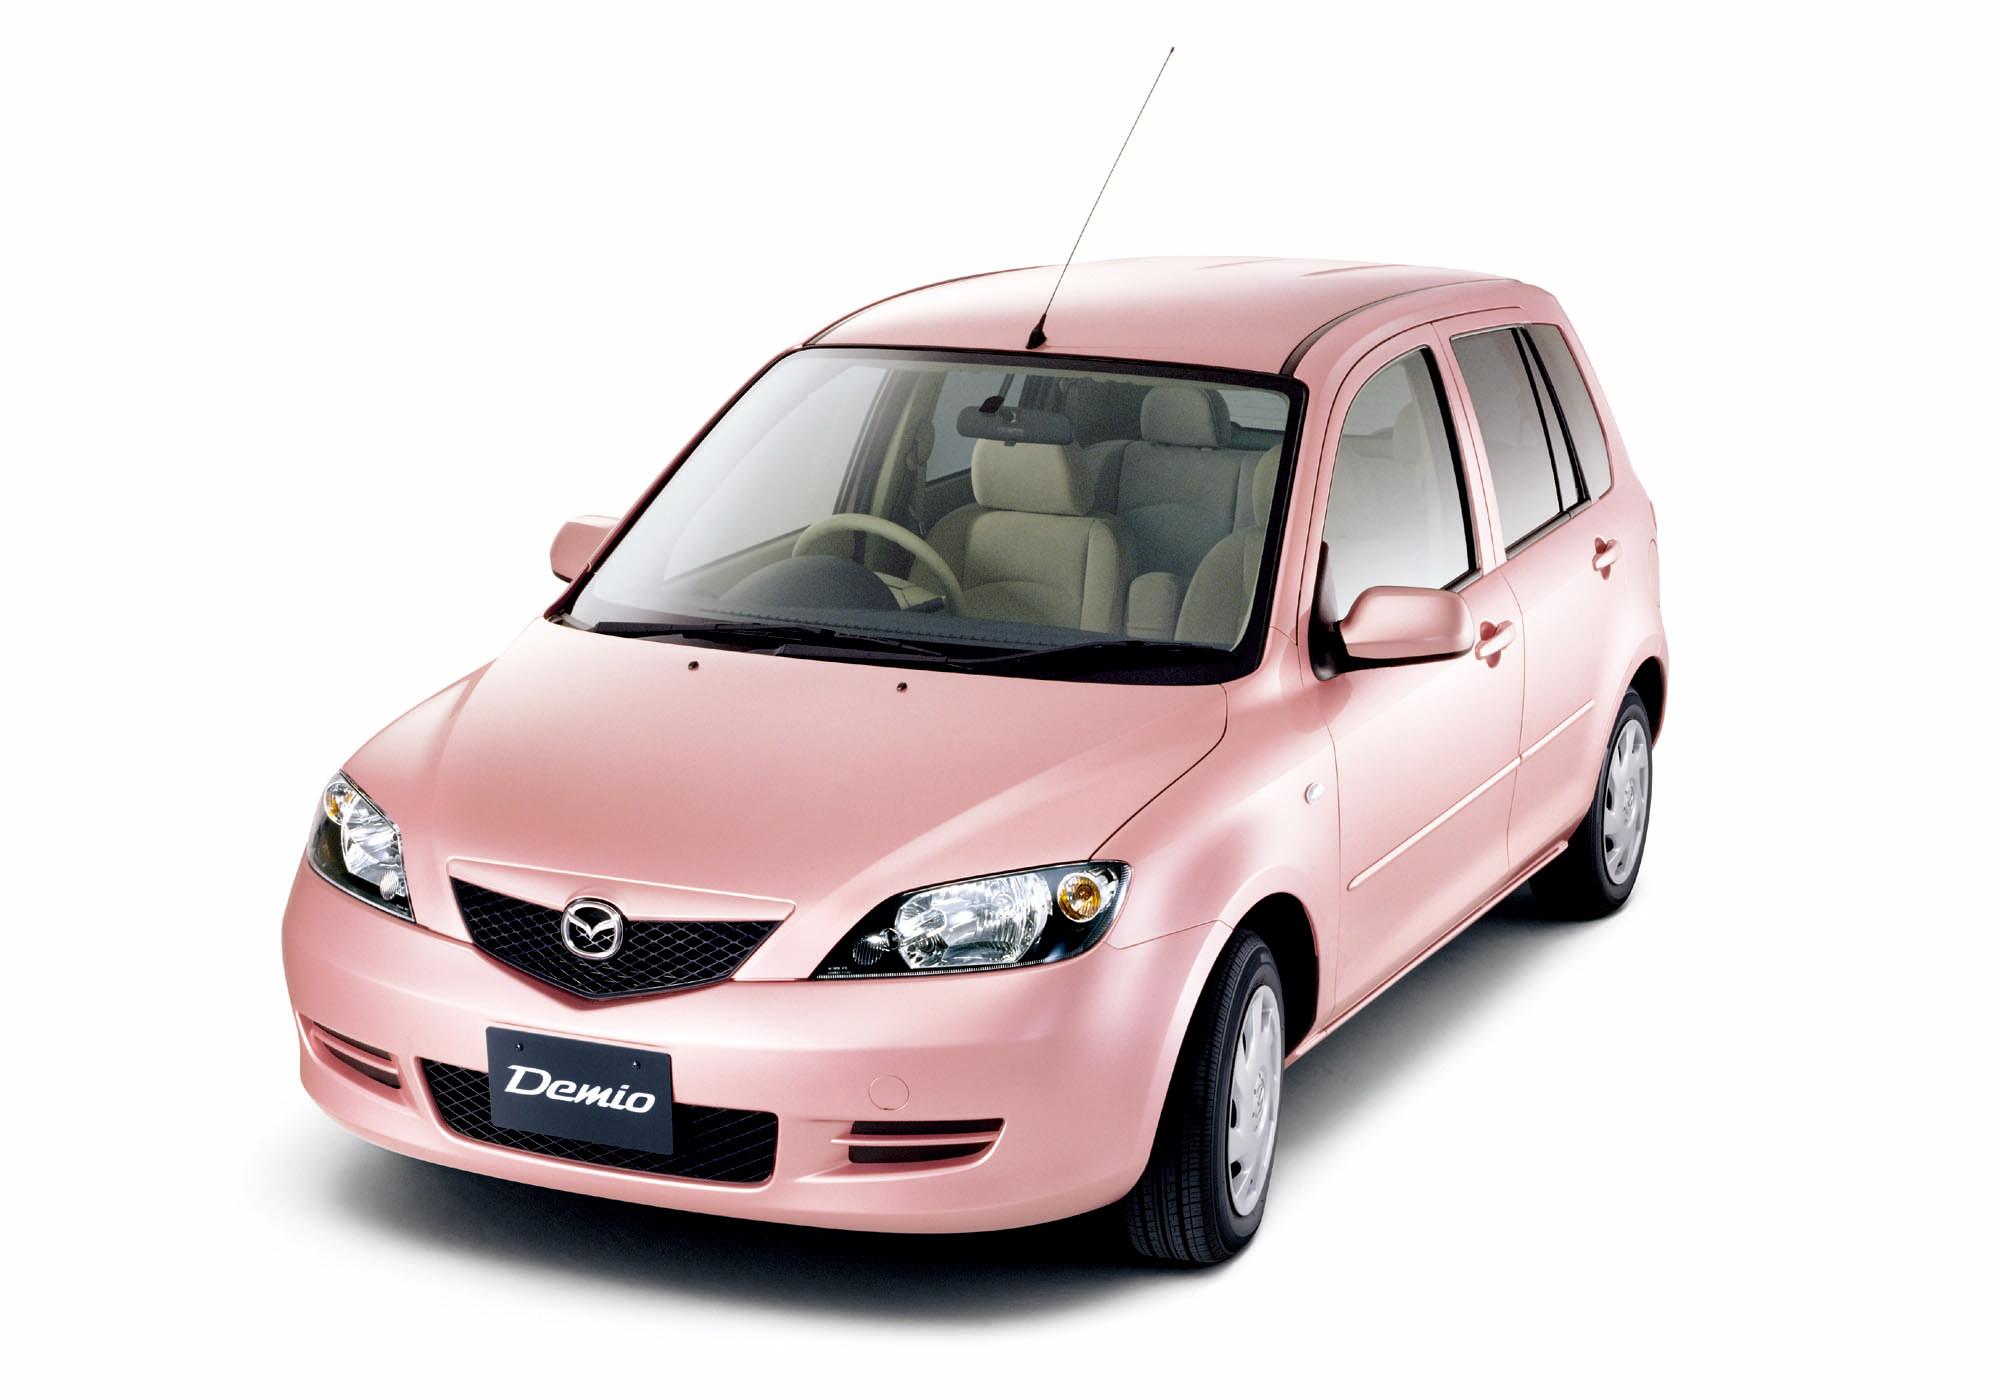 https://www.carsinvasion.com/gallery/2003-mazda-demio-stardust-pink-limited-edition/2003-mazda-demio-stardust-pink-limited-edition-03.jpg